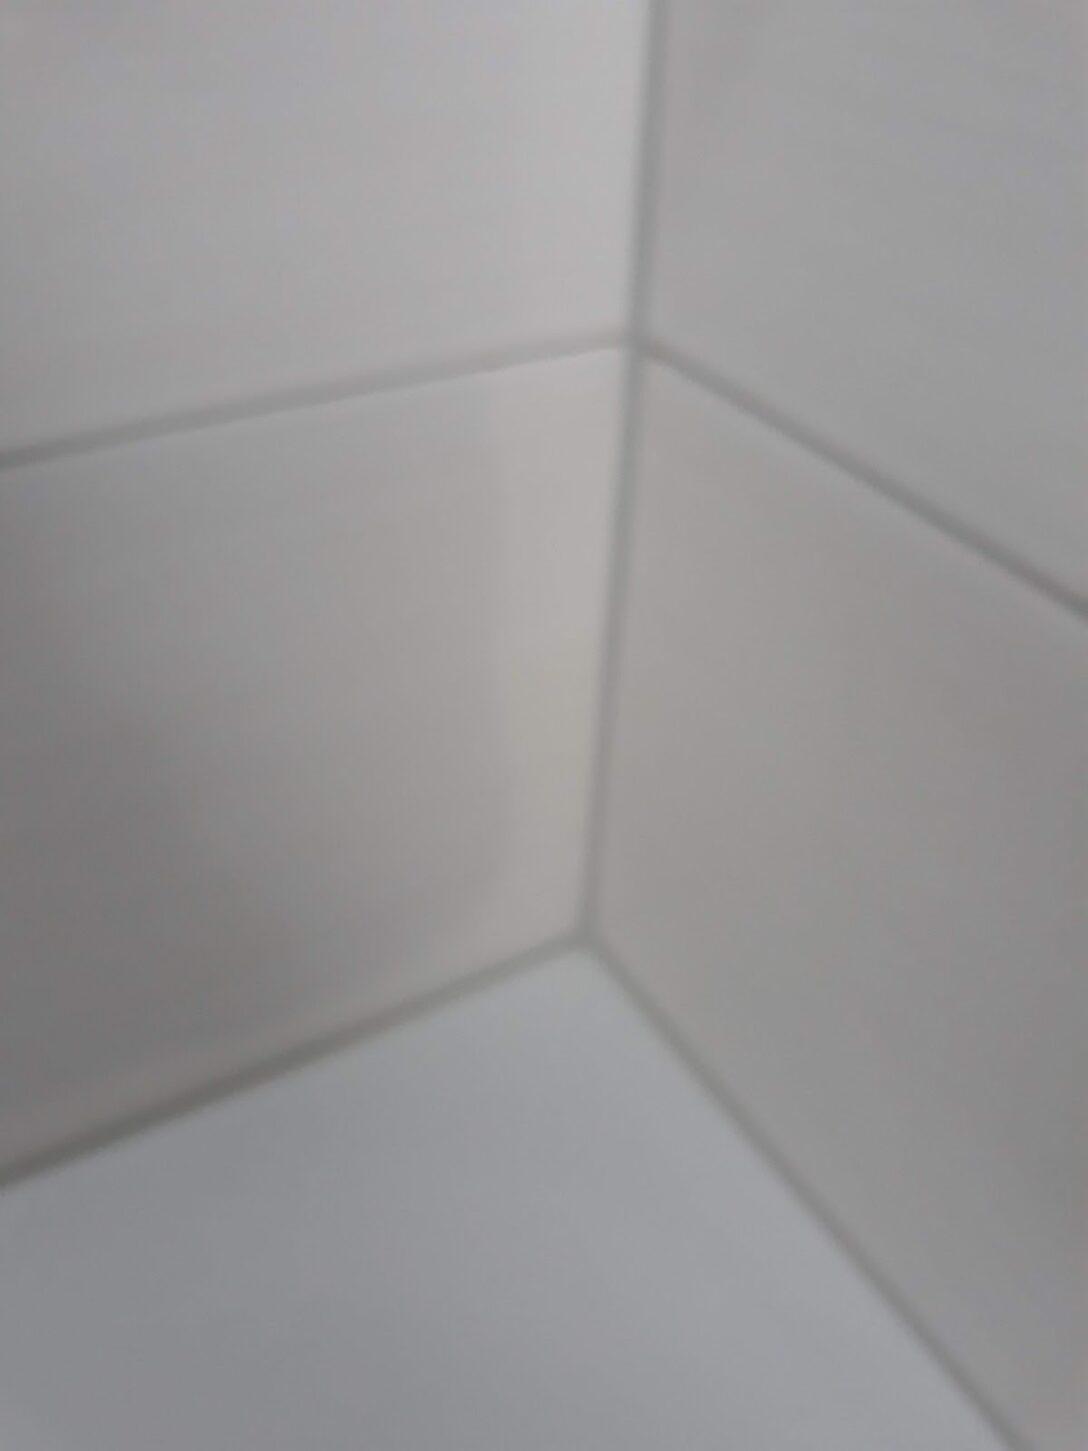 Large Size of Hausbau Mit Fertighaus Weiss Bautagebuch Fliesen In Der Dusche Bodengleiche Gardinen Für Küche Tapeten Die Wickelbrett Bett Mischbatterie Fliegengitter Dusche Fliesen Für Dusche